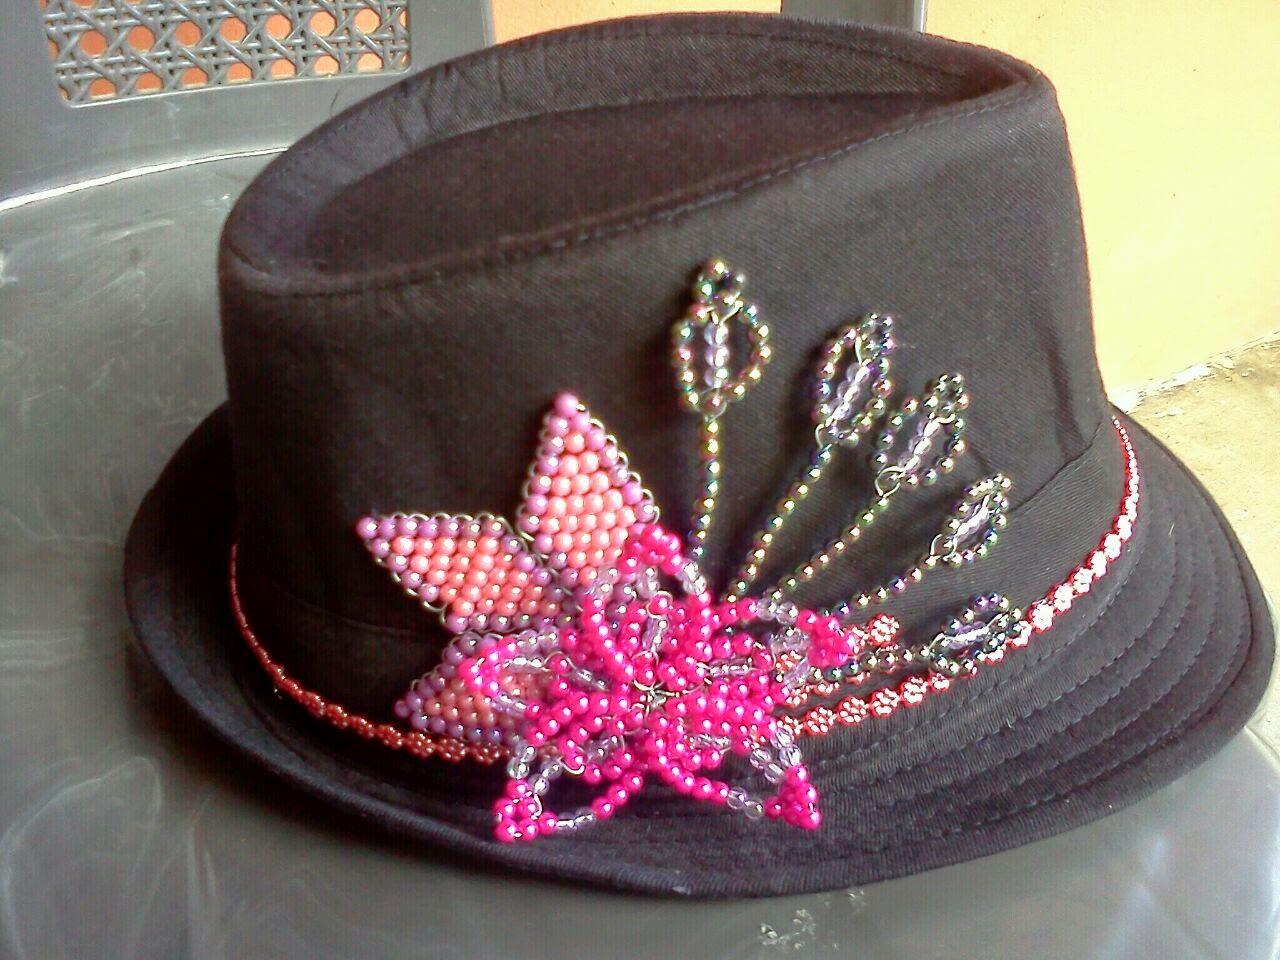 Artesanias y decoraci n sombreros decorados con - Decoracion de sombreros ...